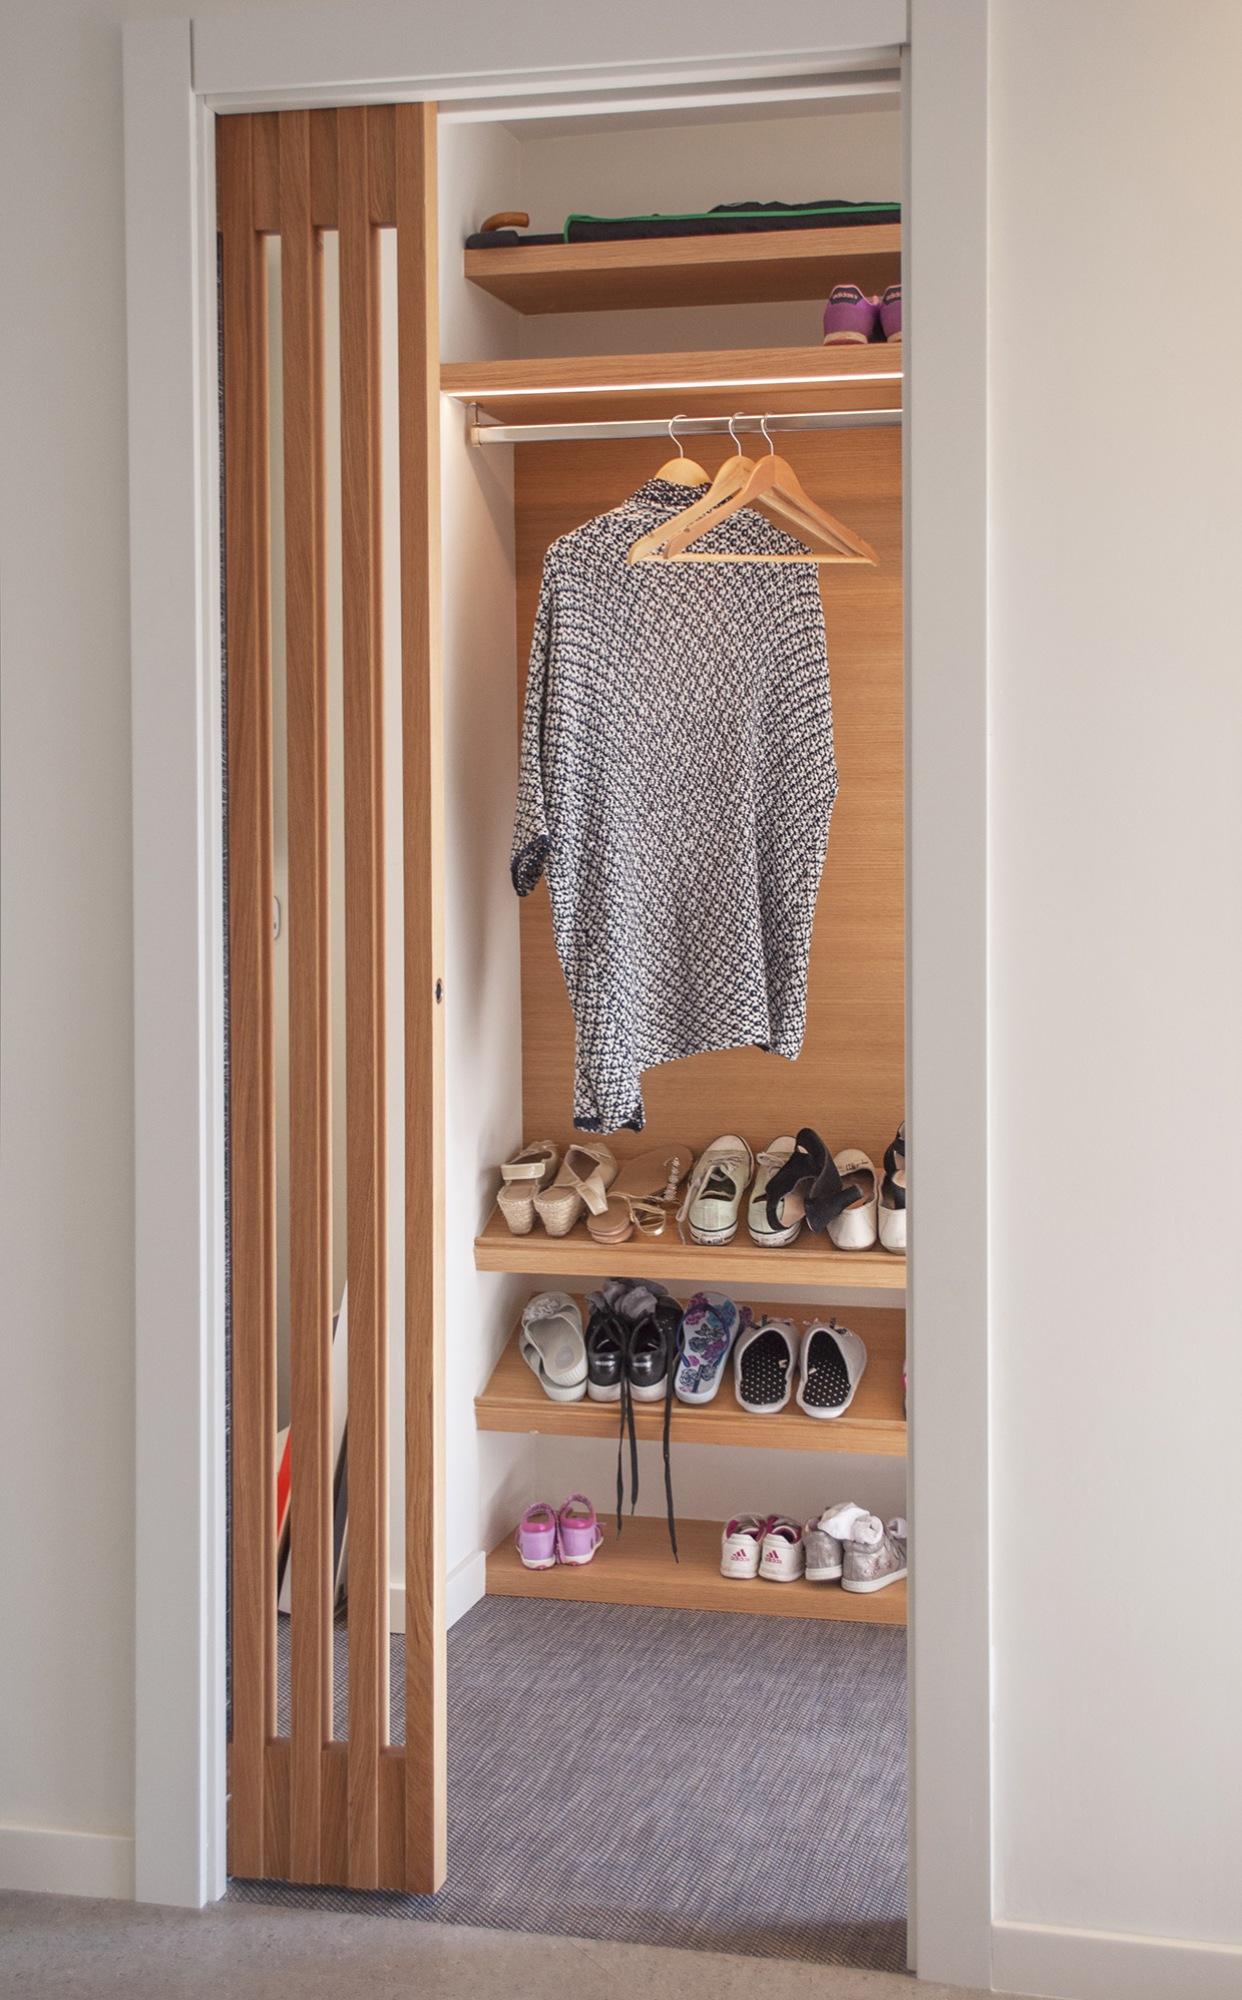 18-arquitectura-sitges-interiorismo-barcelona-recibidor-abierto-madera-armario-